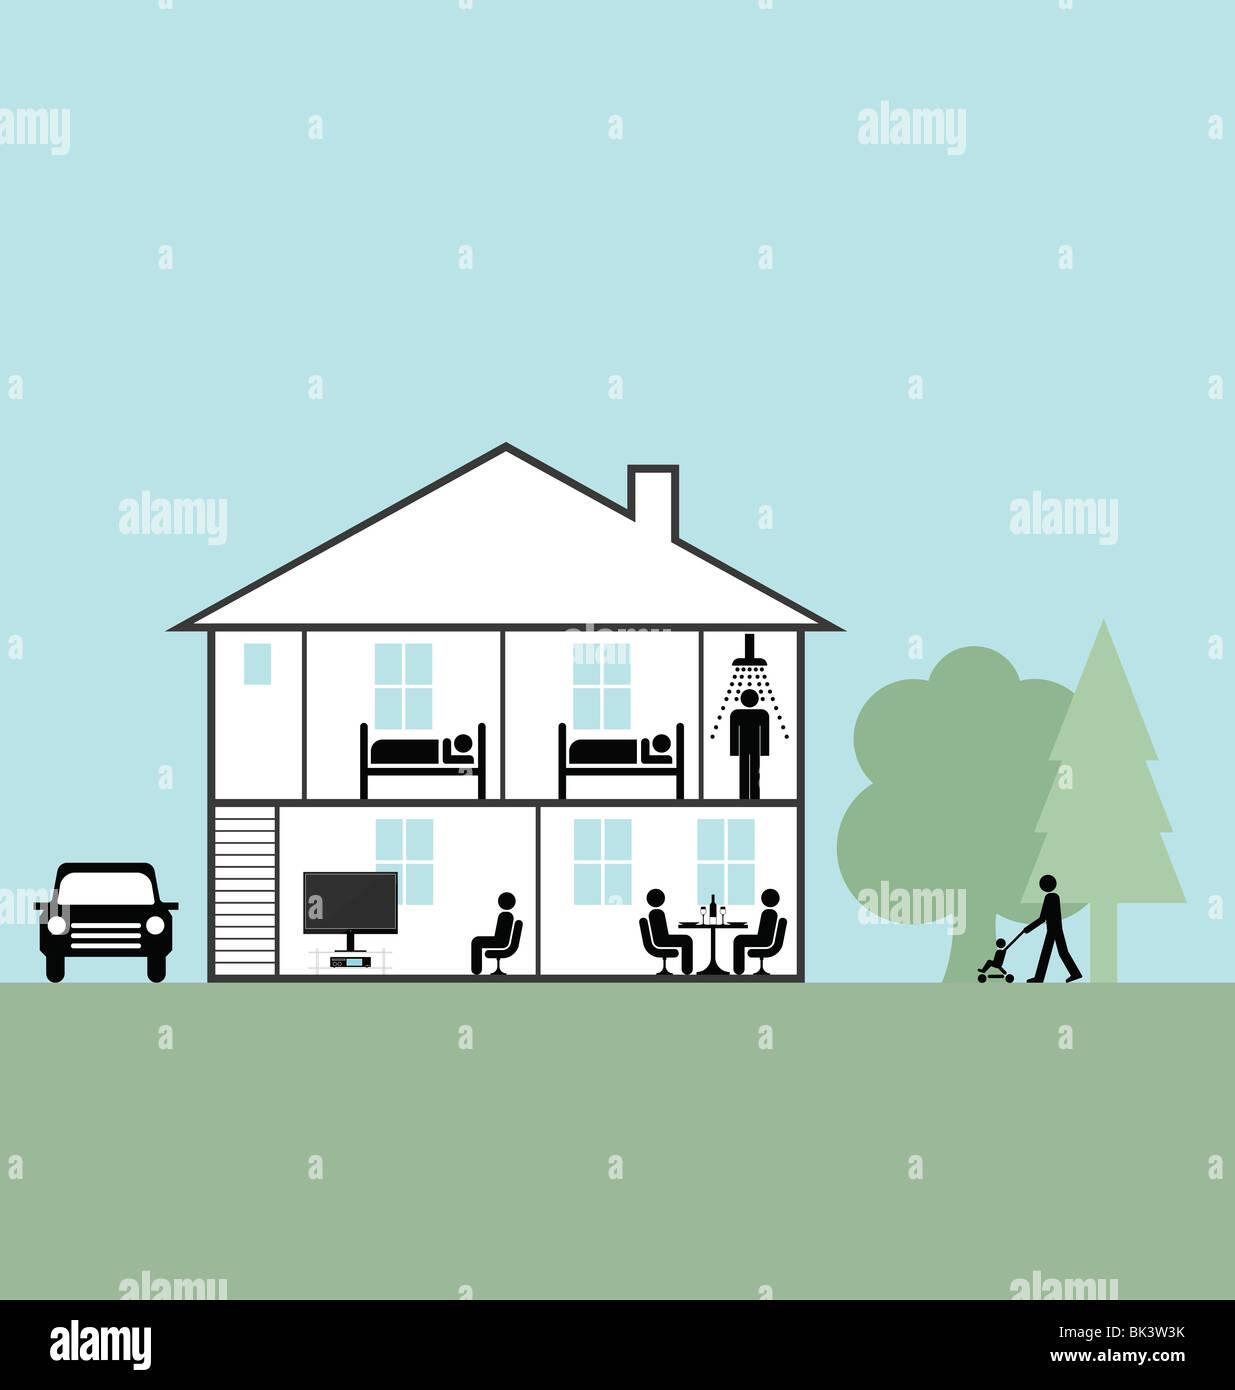 Sección transversal del vector a través de una casa de familia Imagen De Stock